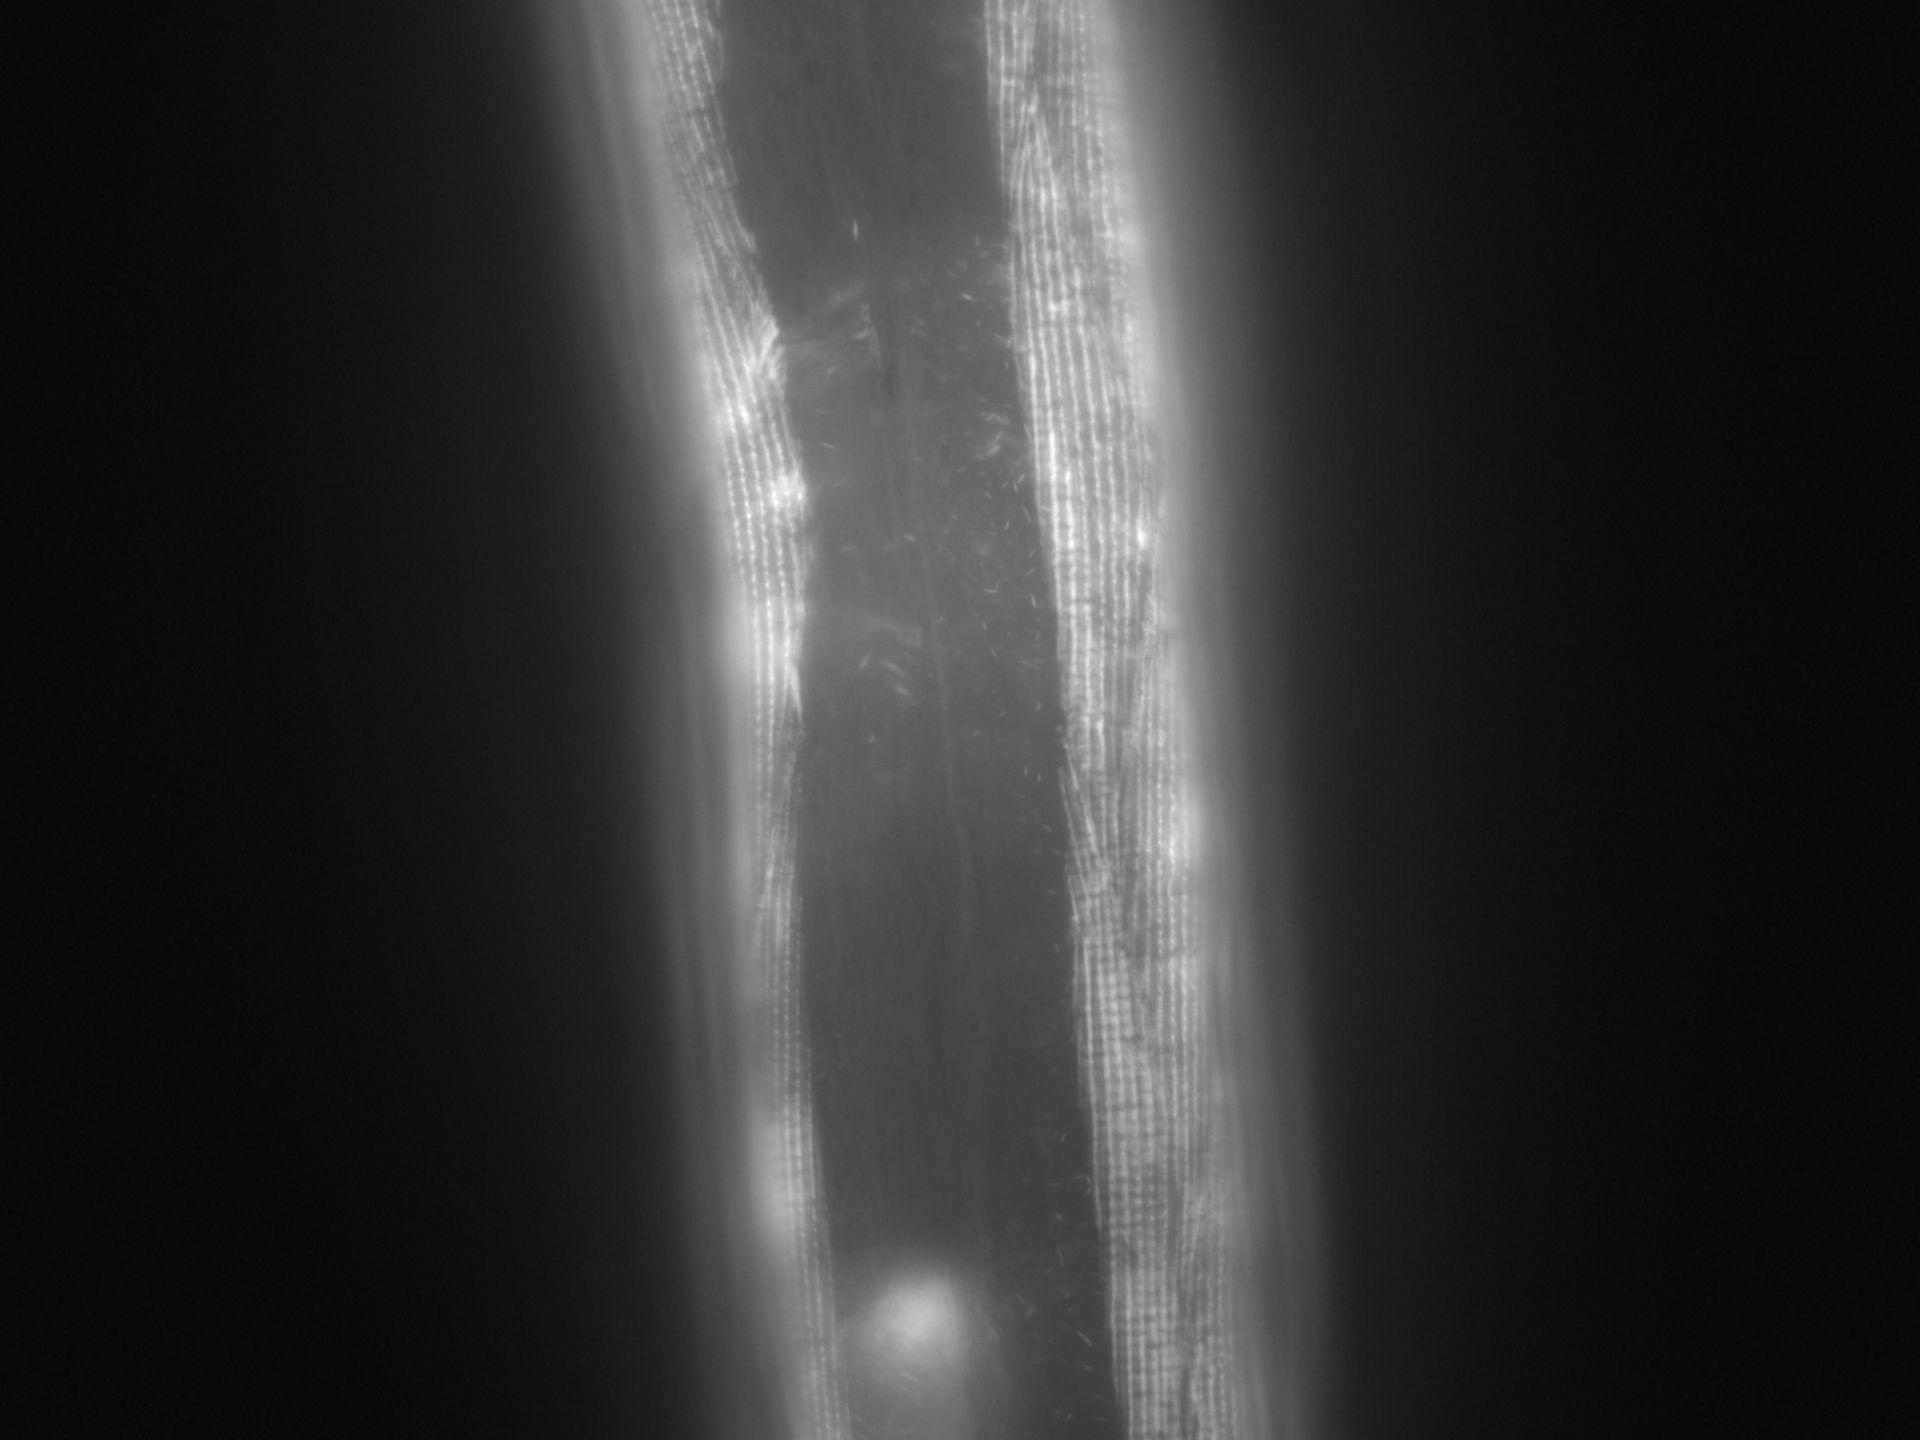 Caenorhabditis elegans (Actin filament) - CIL:1007